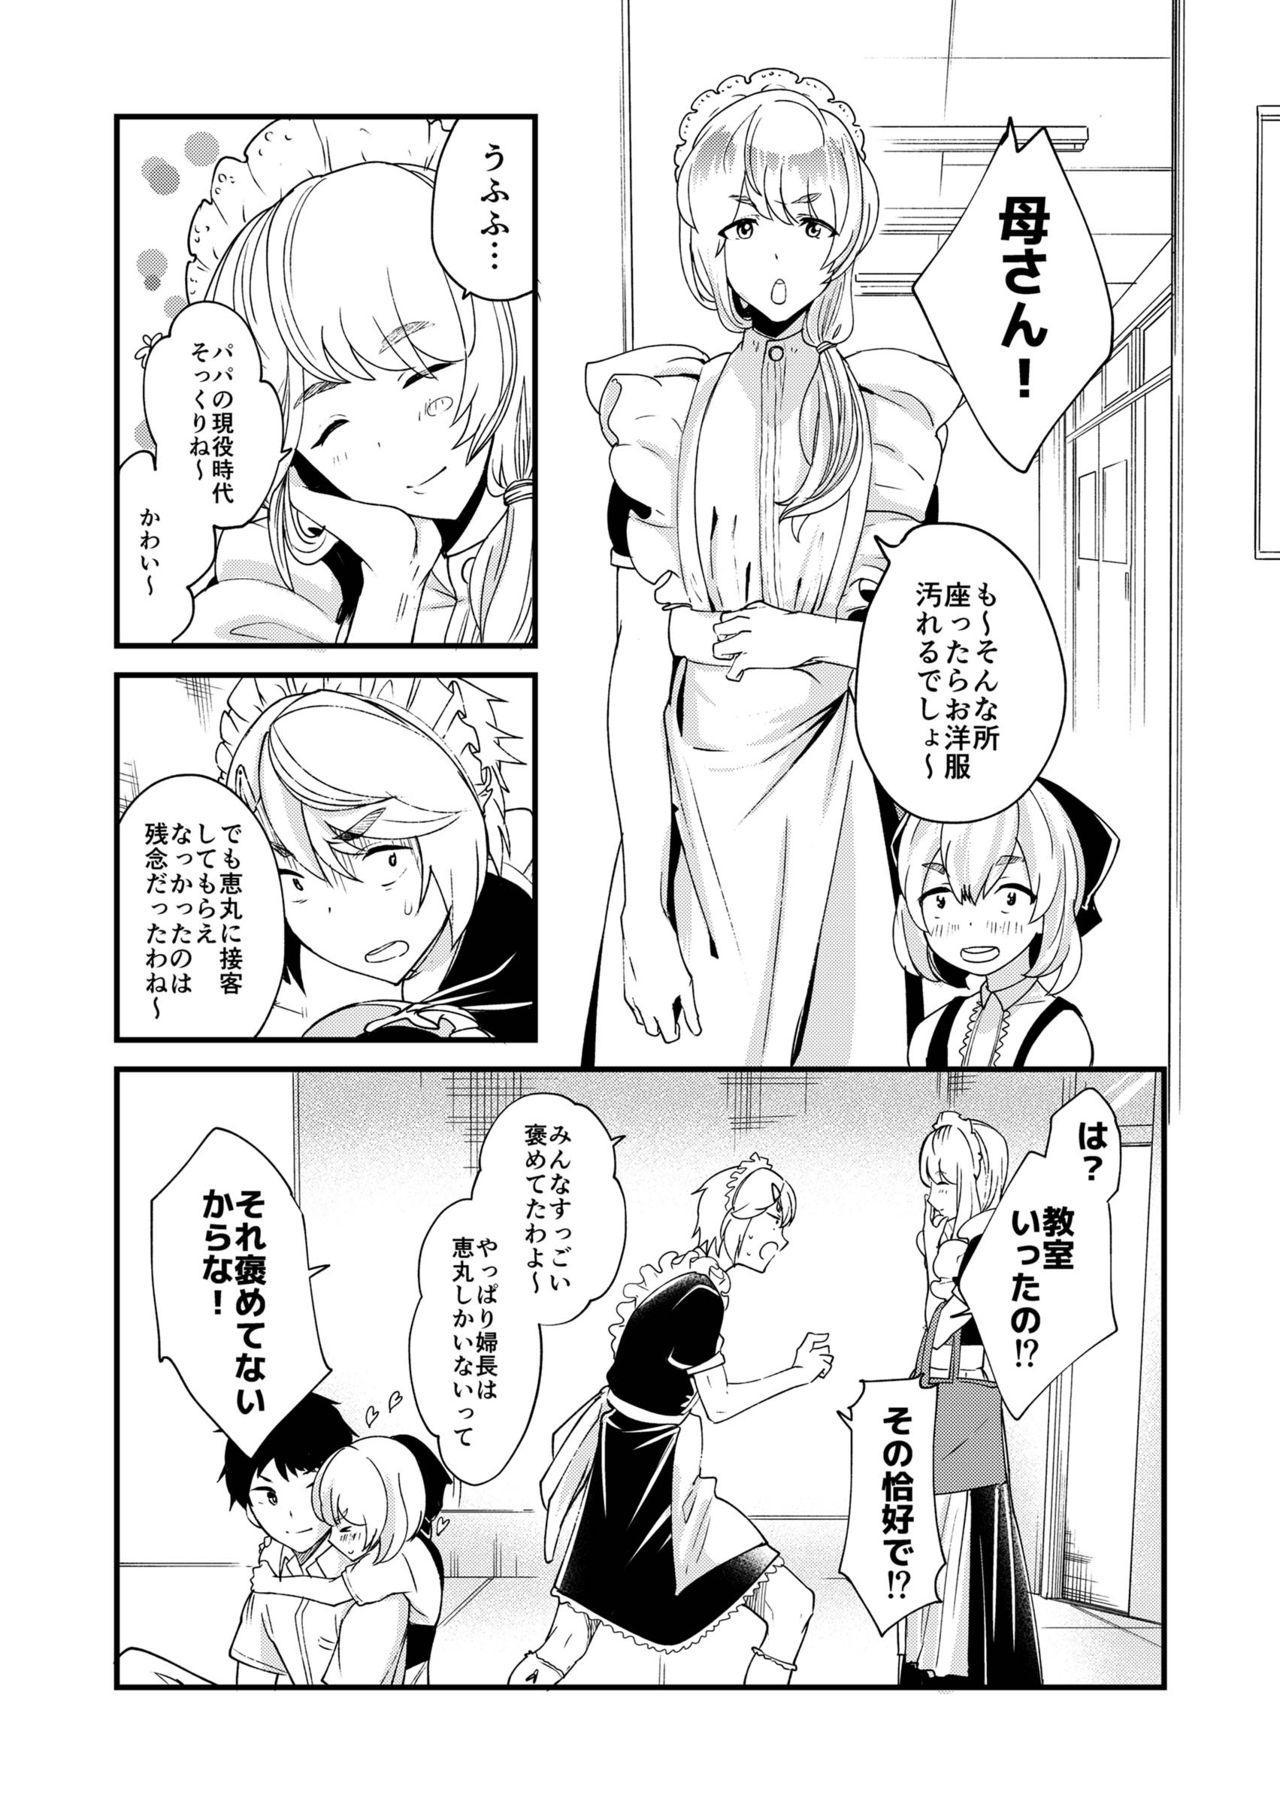 Emaru-kun ga Ienai Koto 6